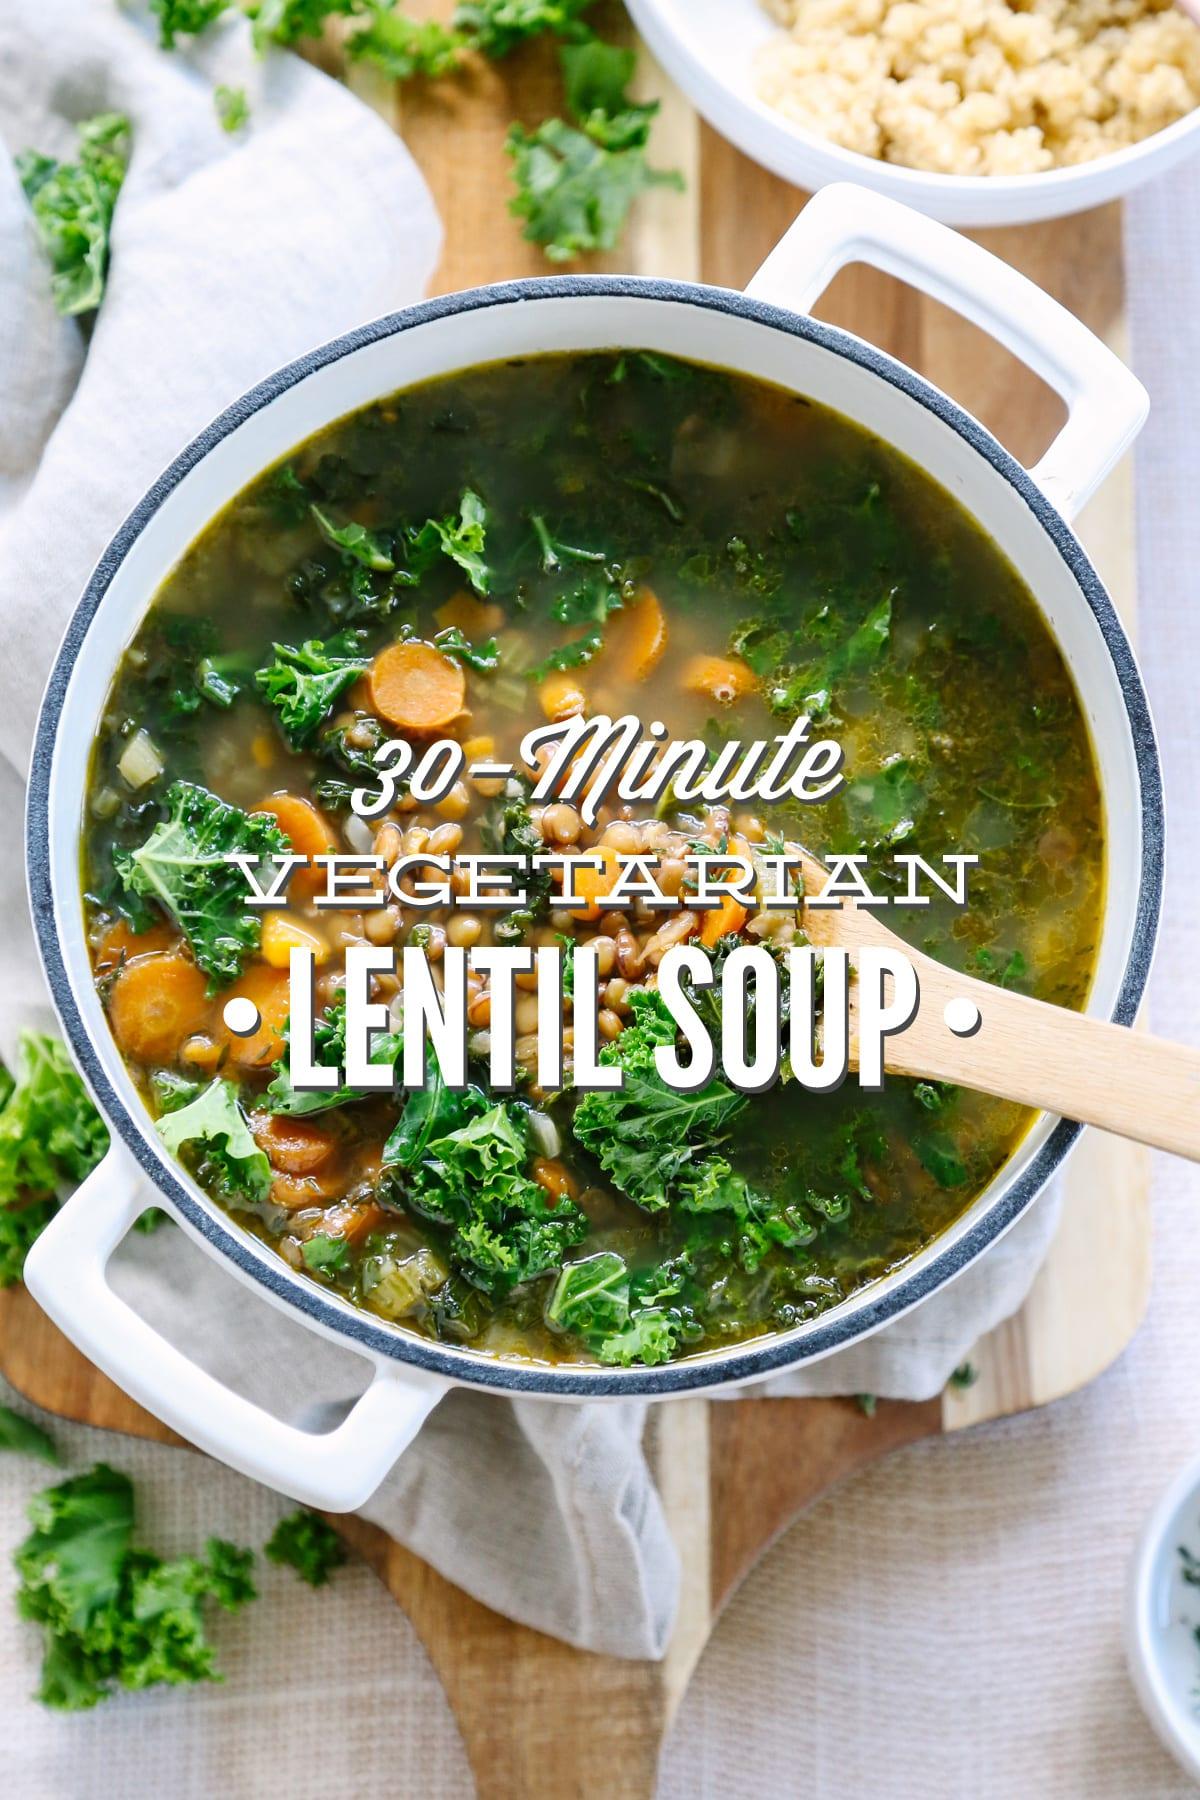 30-Minute Vegetarian Lentil Soup